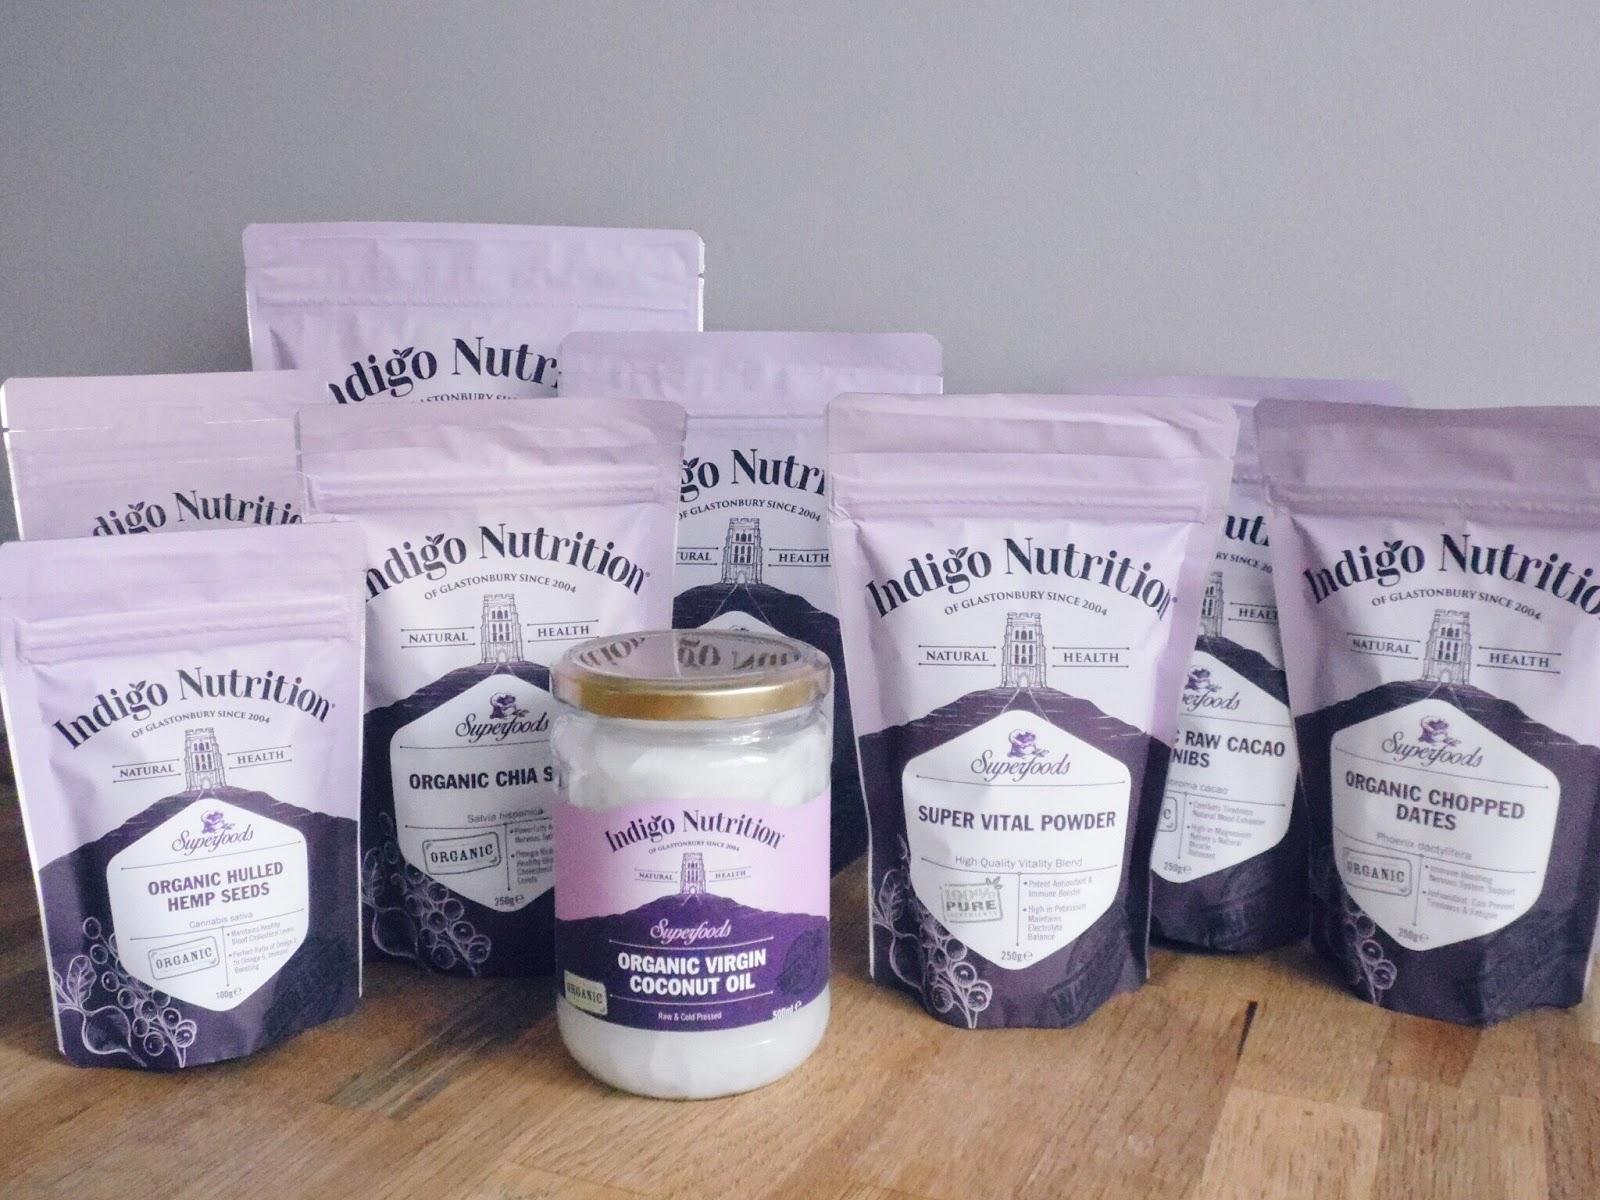 collection of indigo nutrition